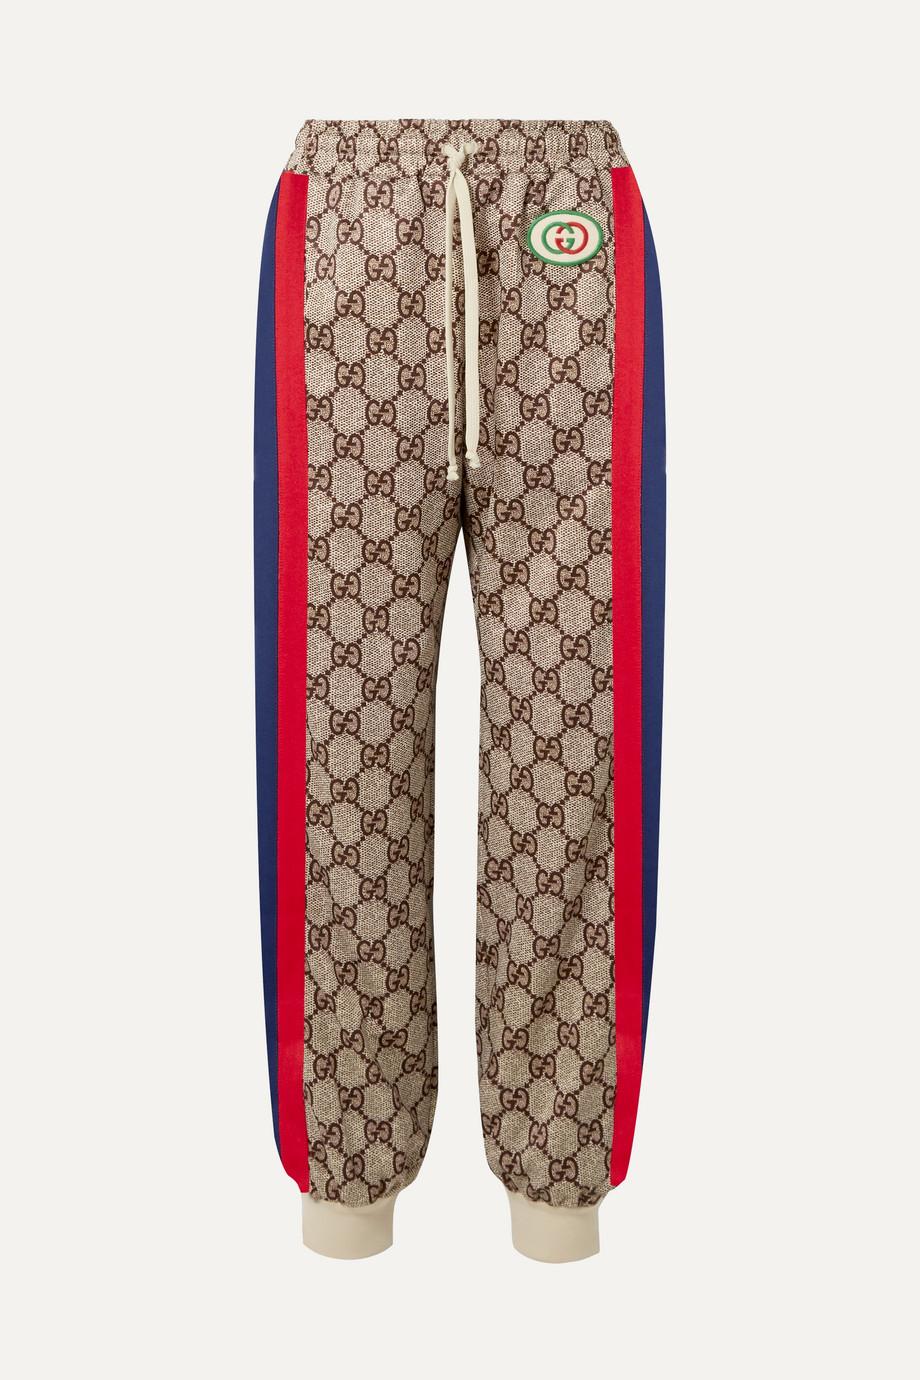 Gucci 贴花条纹印花科技平纹布休闲裤